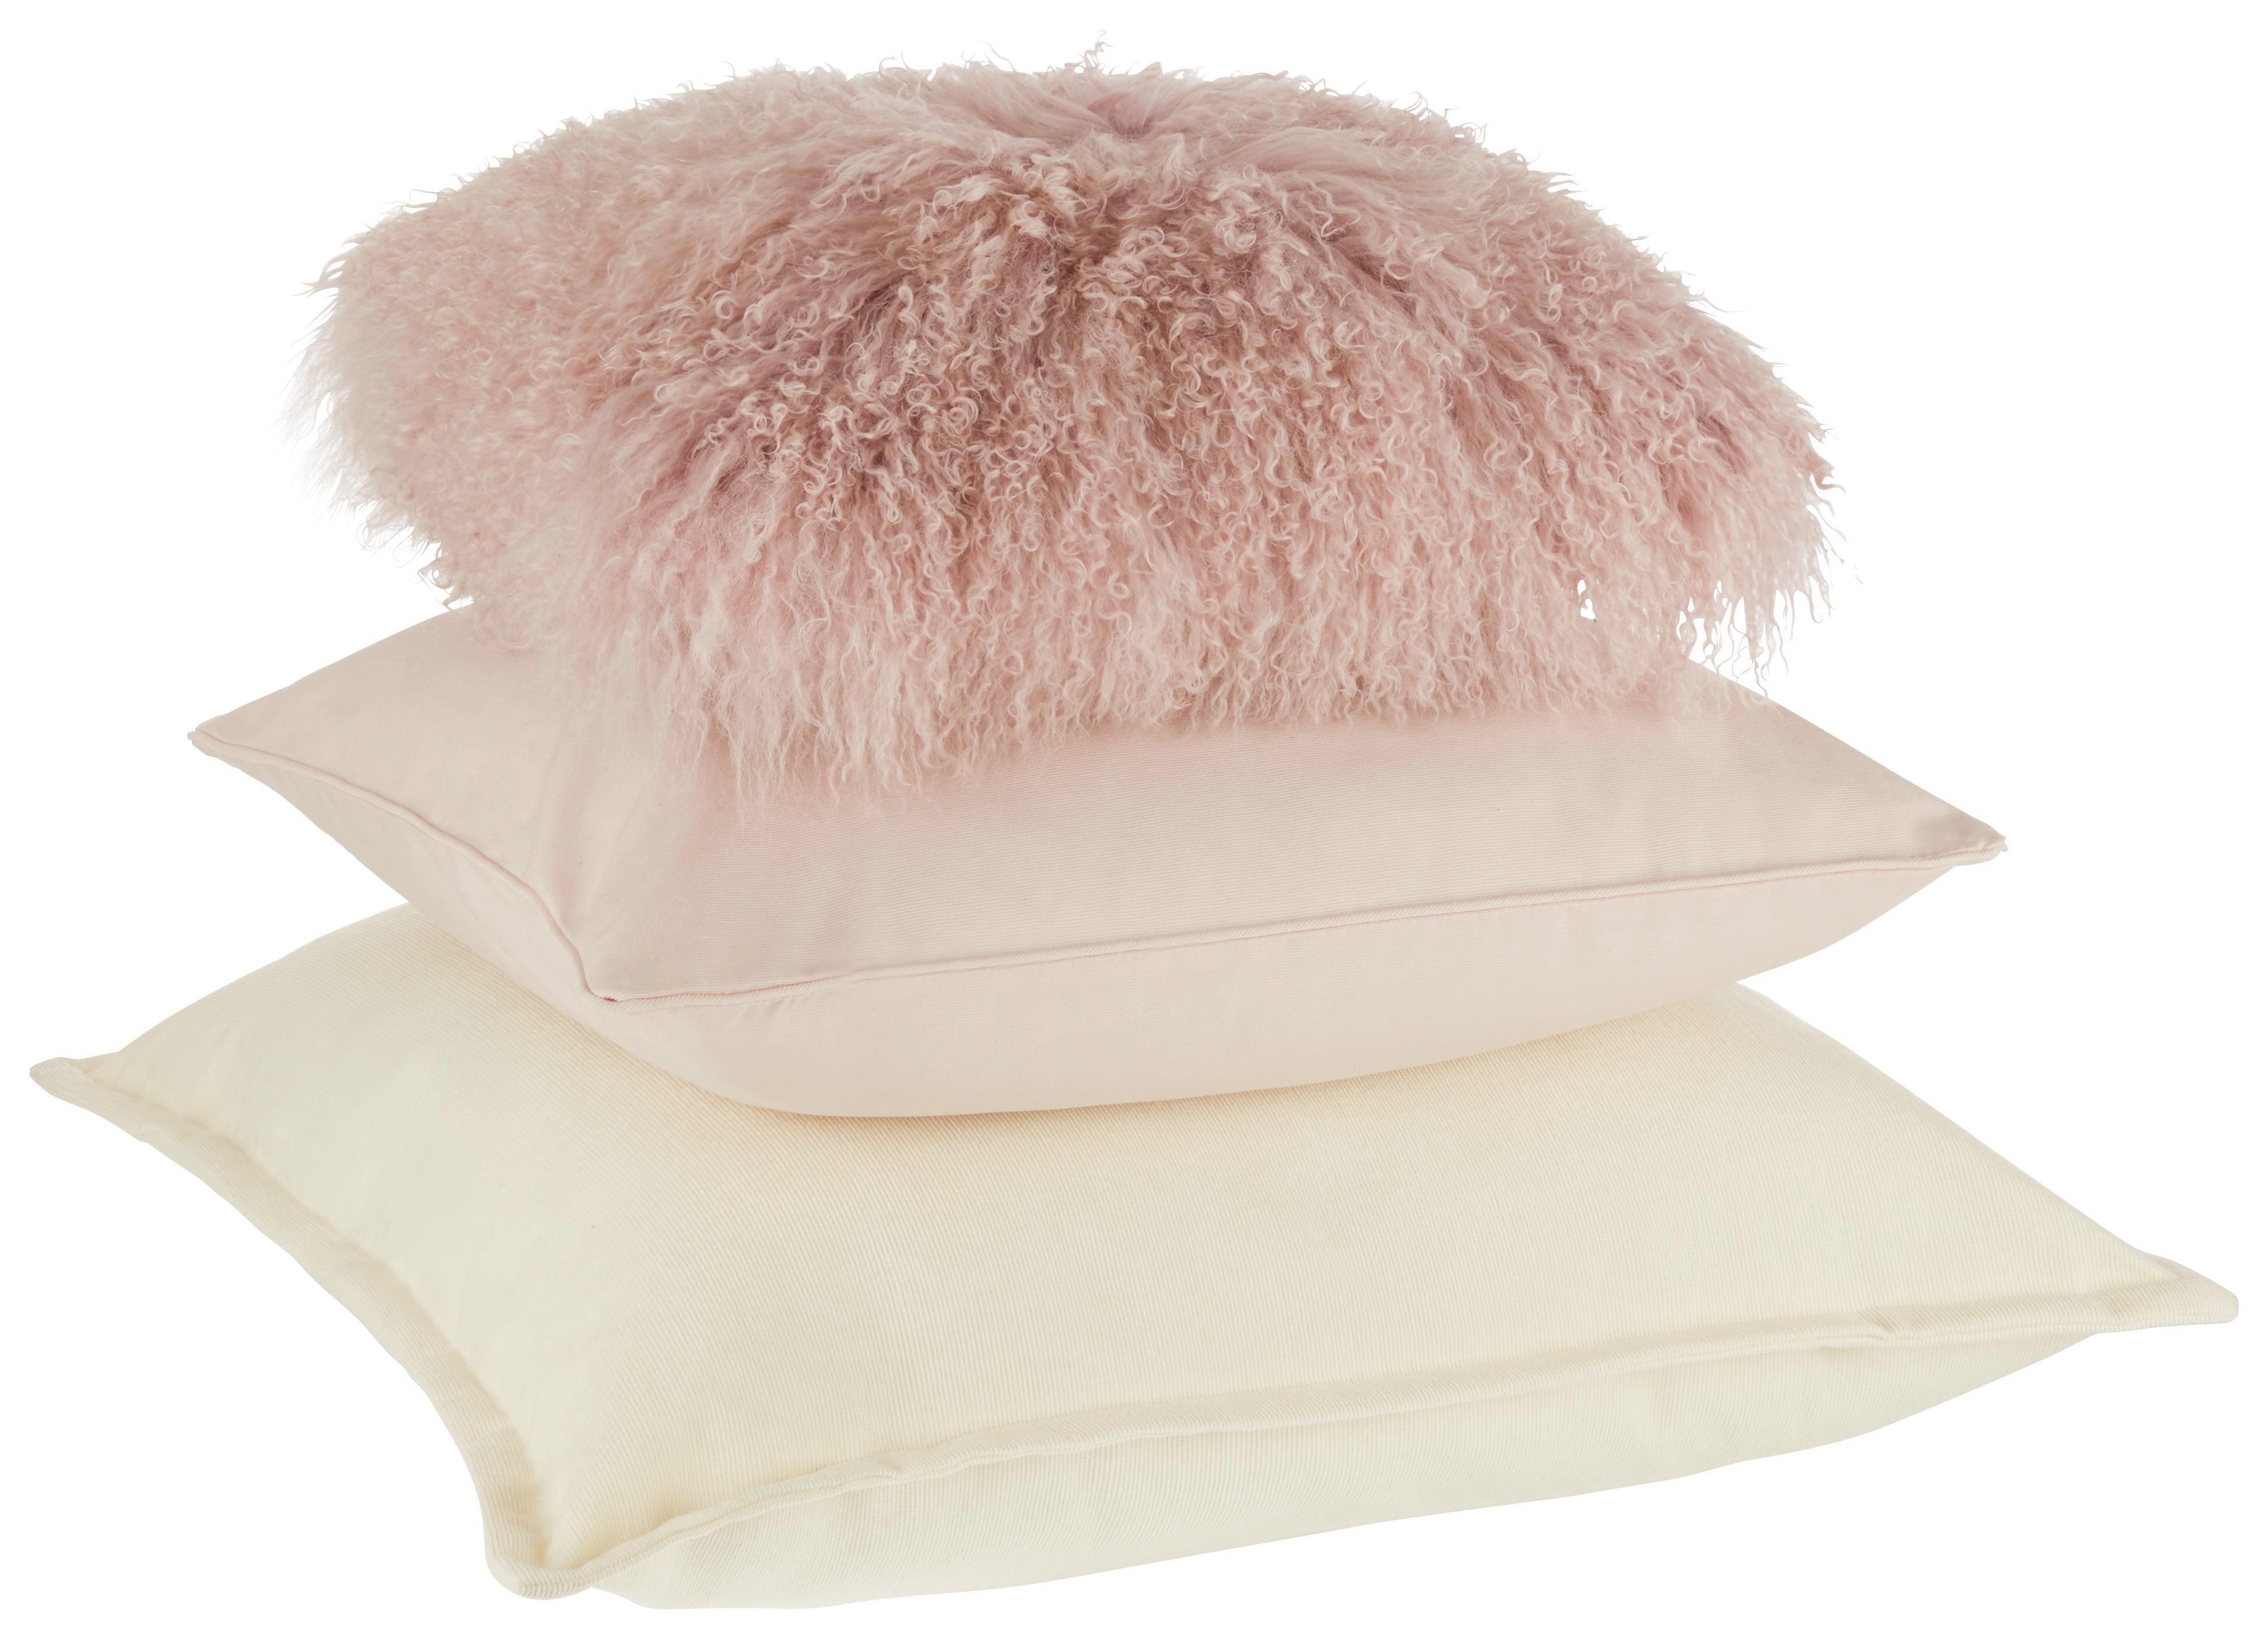 Díszpárna Shaun - rózsaszín, textil (40/40cm) - premium living